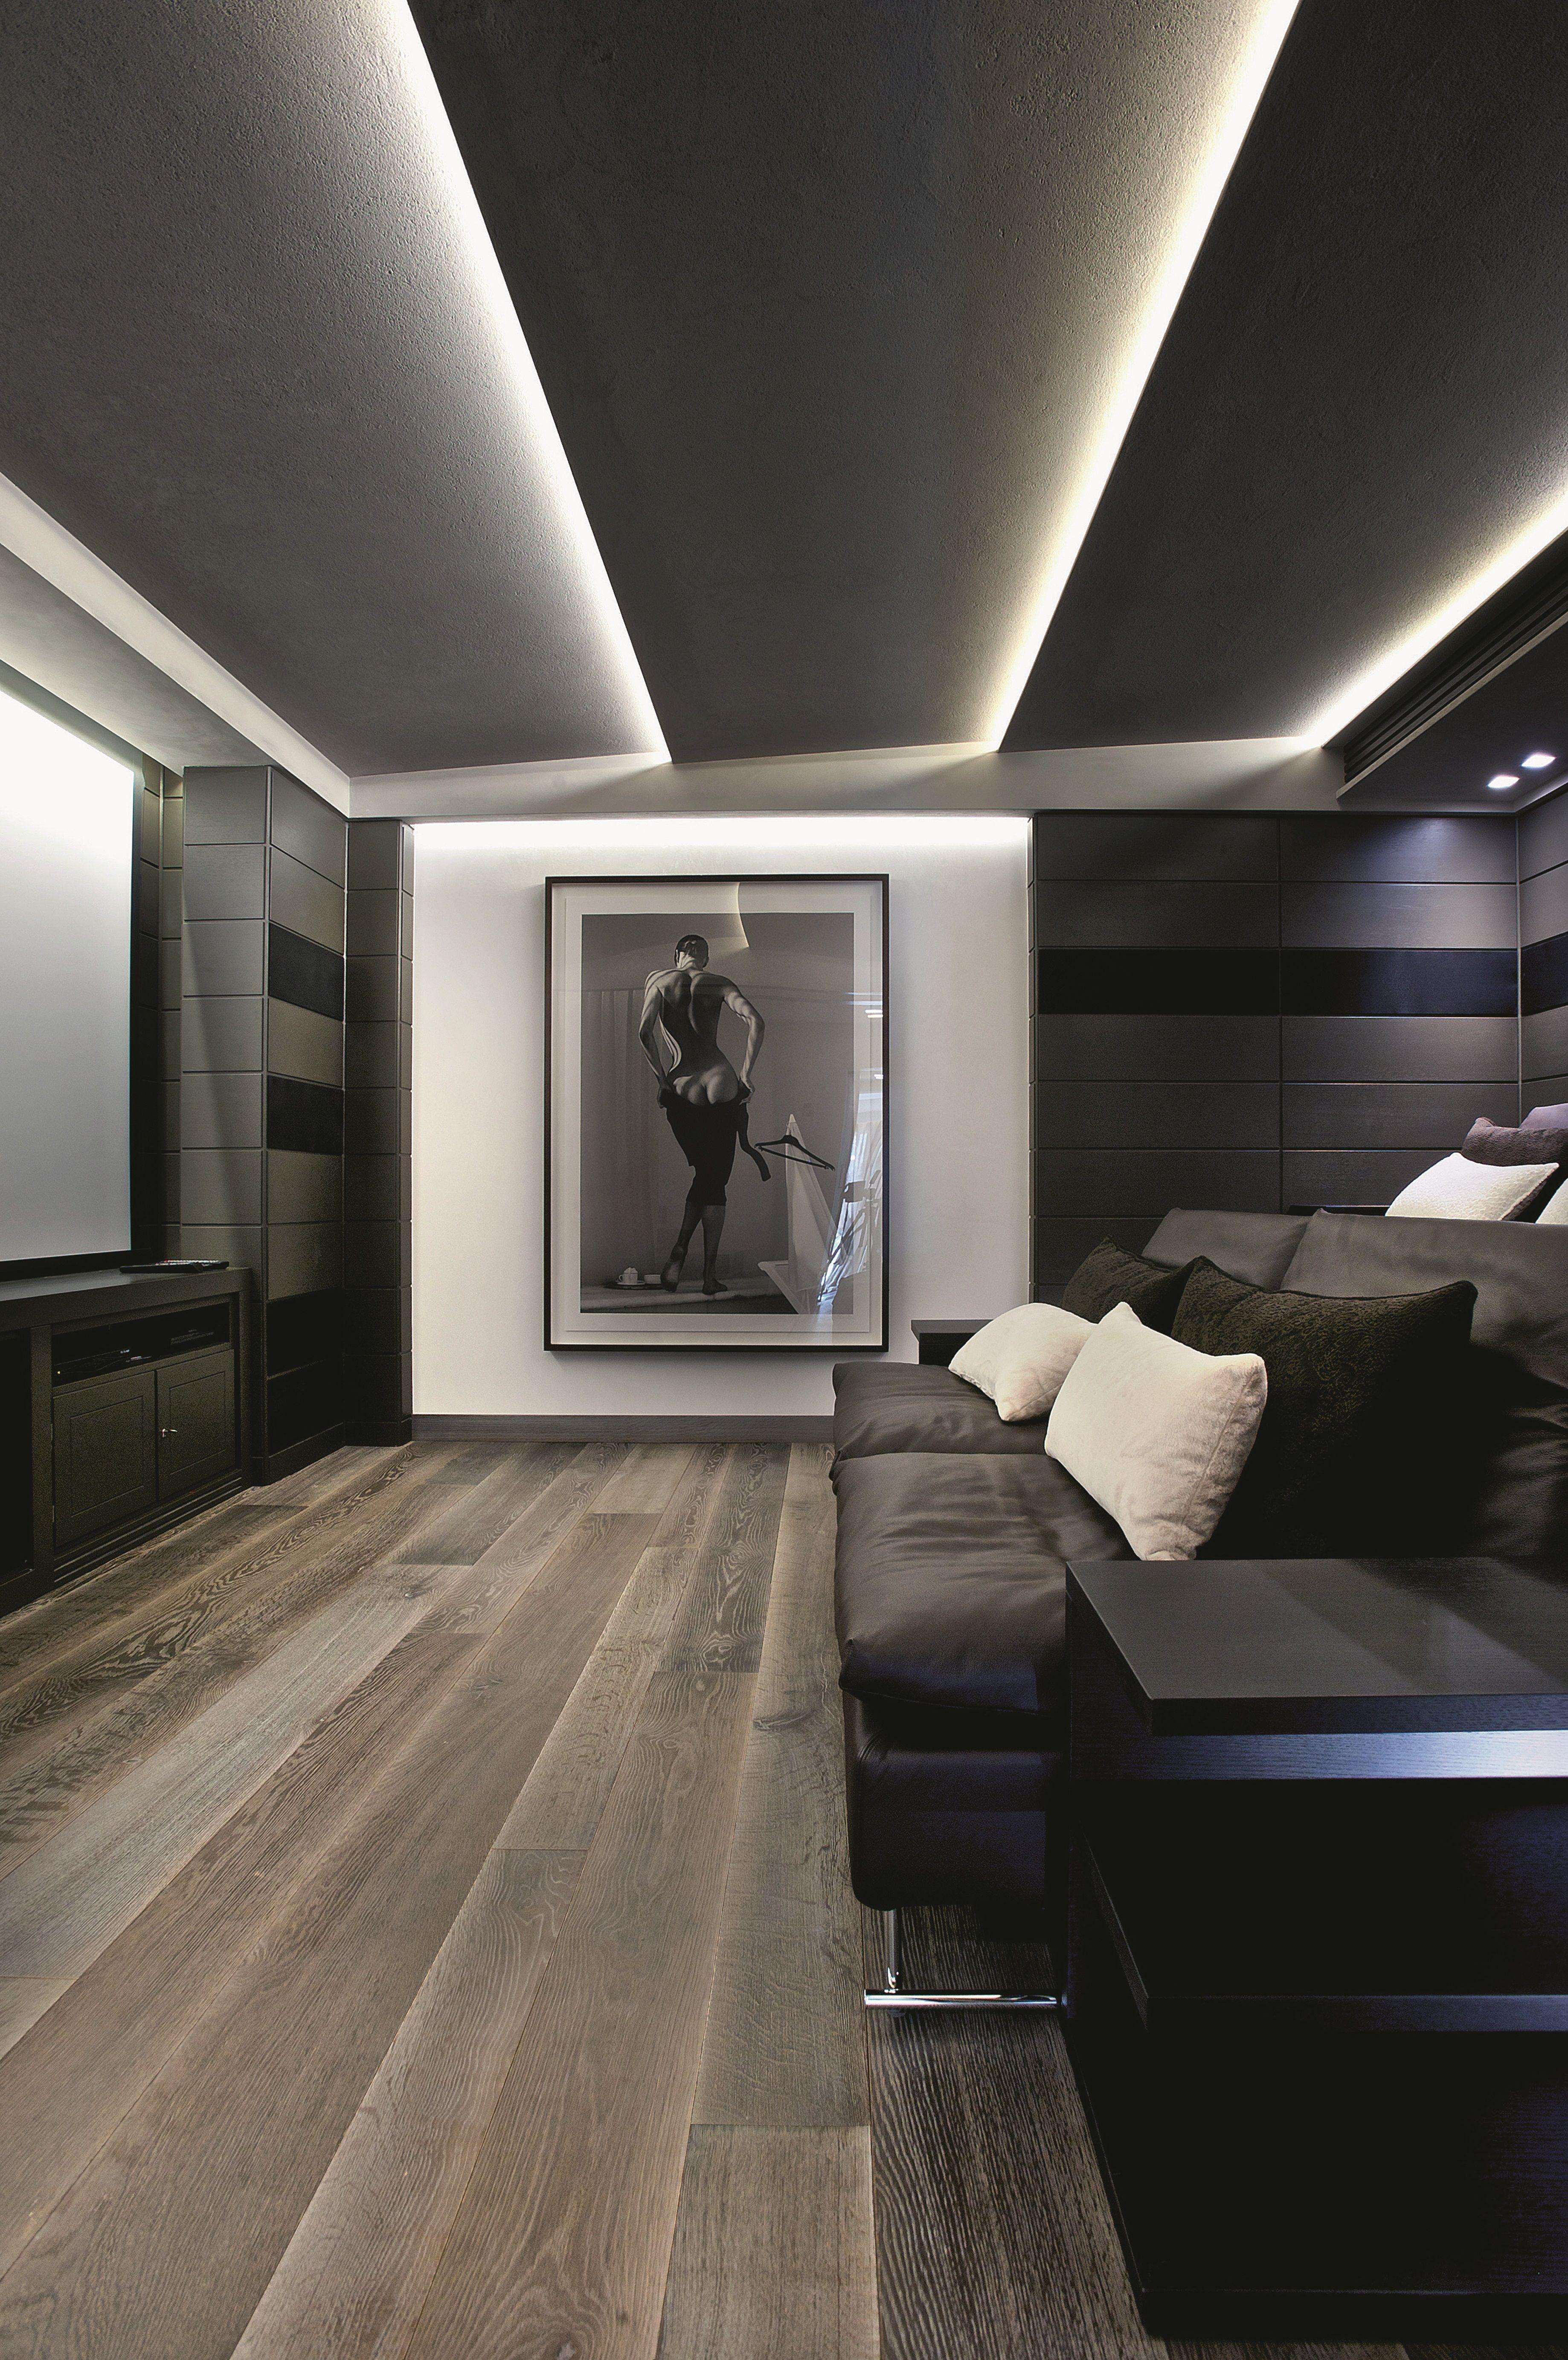 teto em gesso e ilumina o indireta com cord o de led d o o tremendo charme a movie room. Black Bedroom Furniture Sets. Home Design Ideas